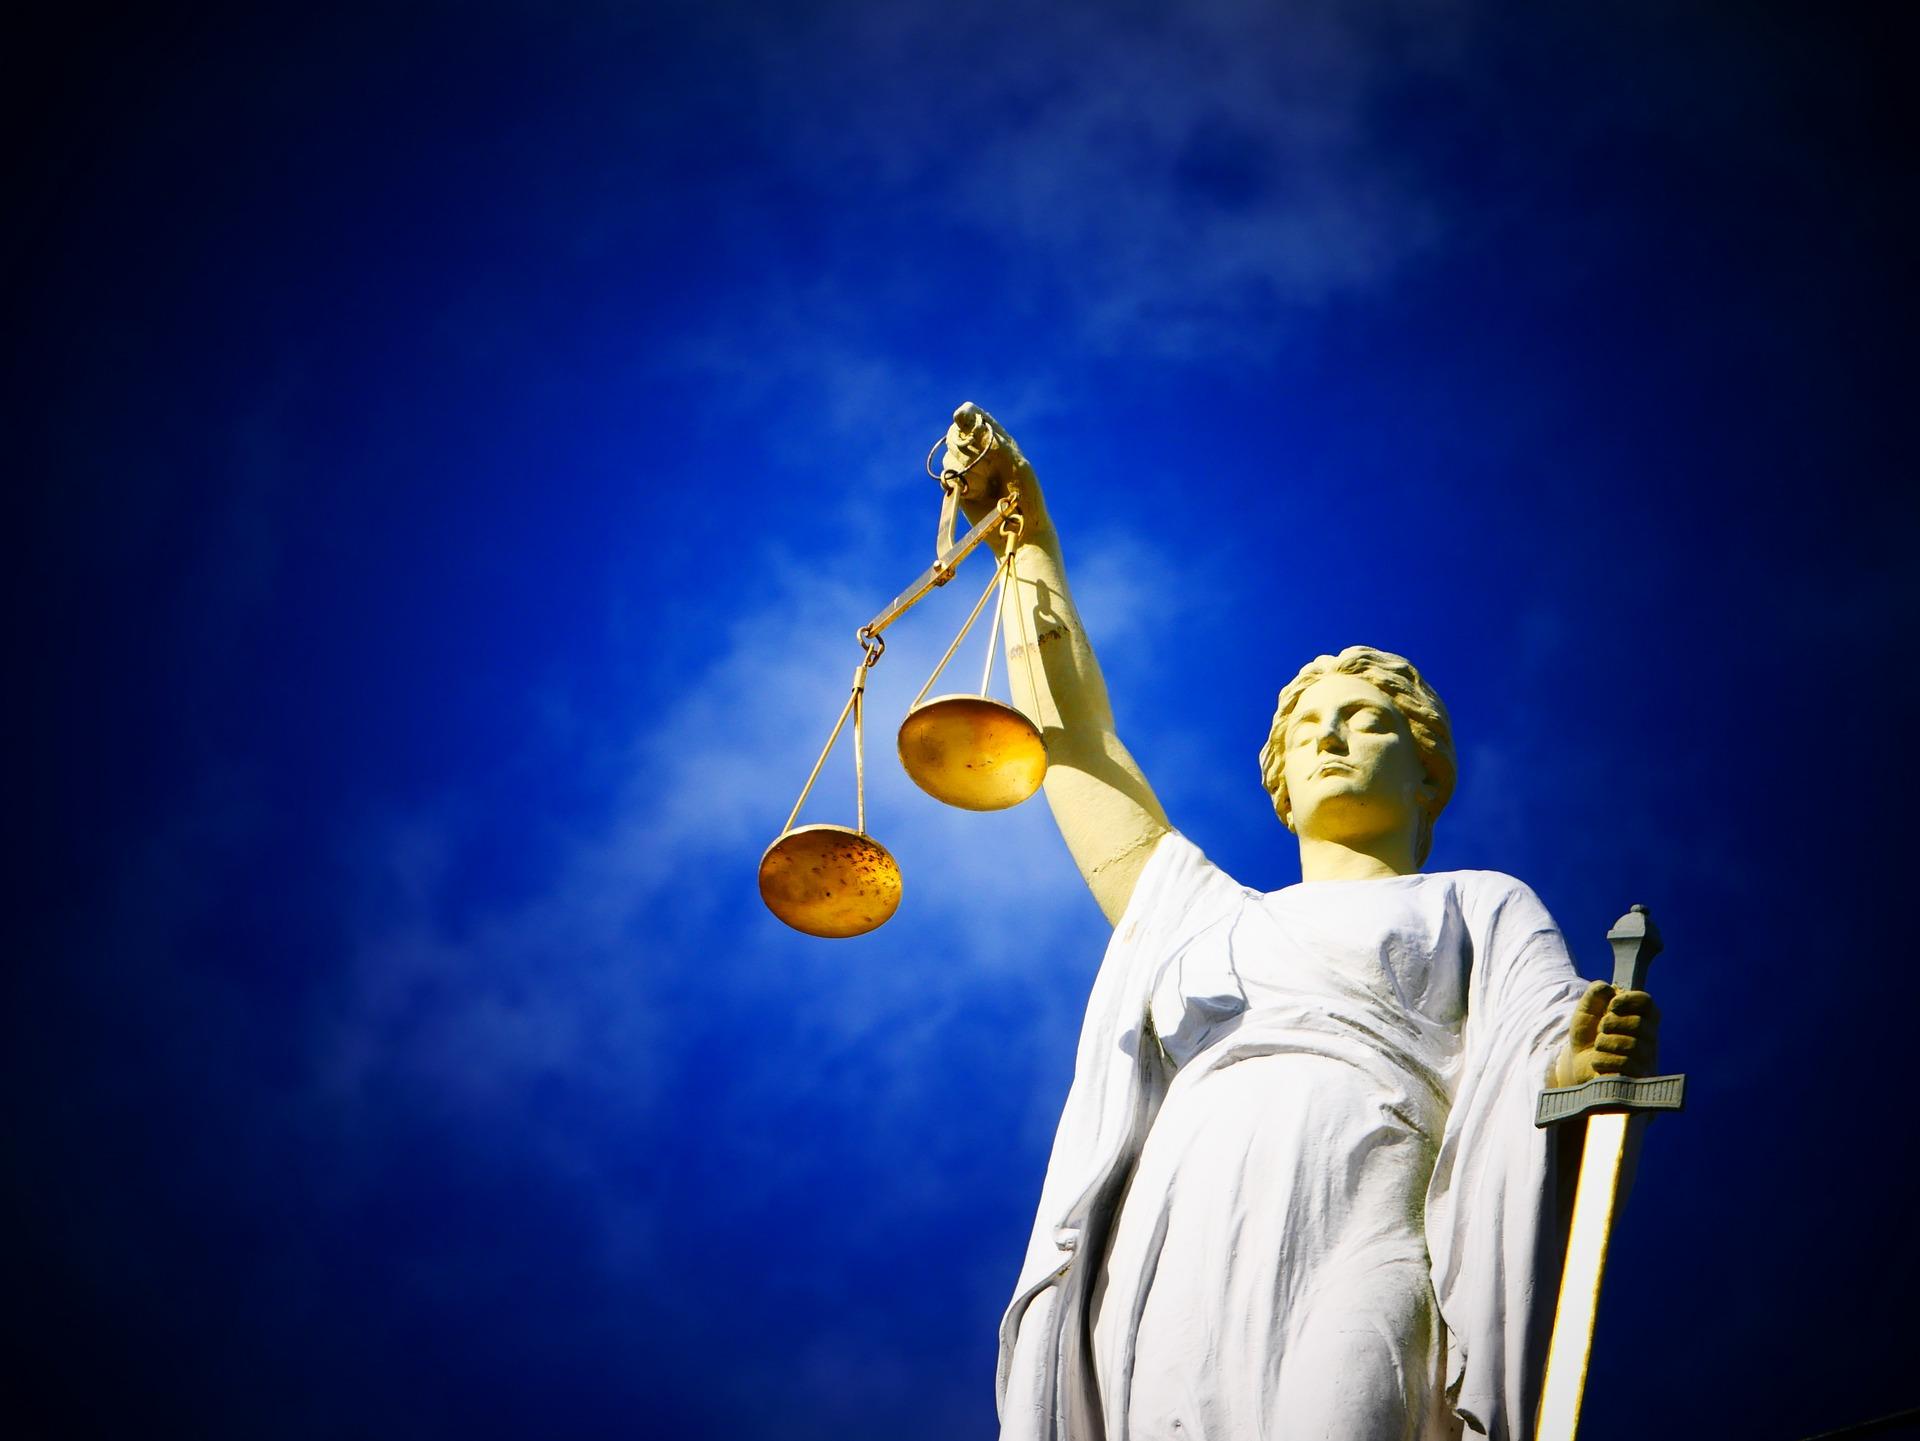 Dieci consigli per interpreti legali principianti